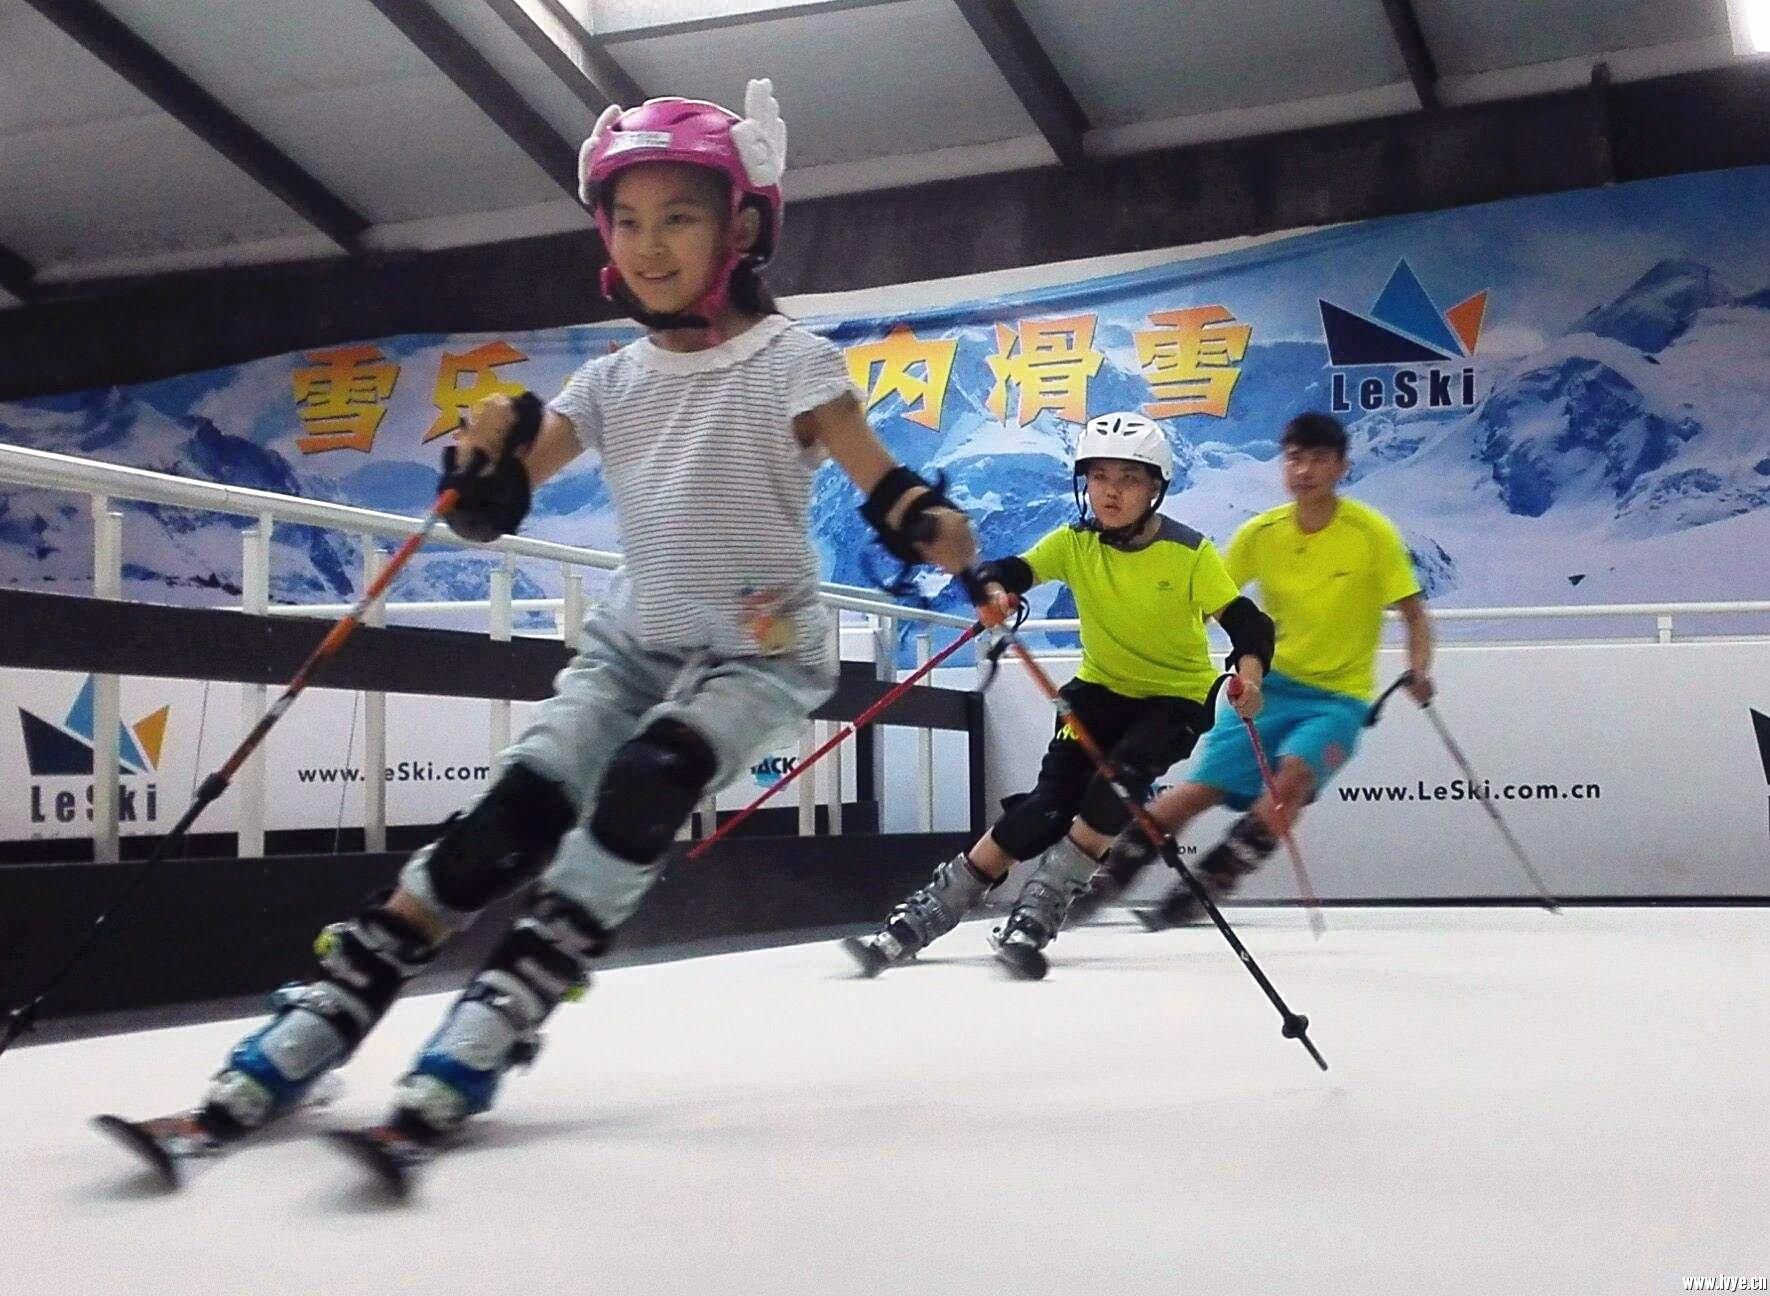 雪乐山室内滑雪体验券,夏天也能滑雪!